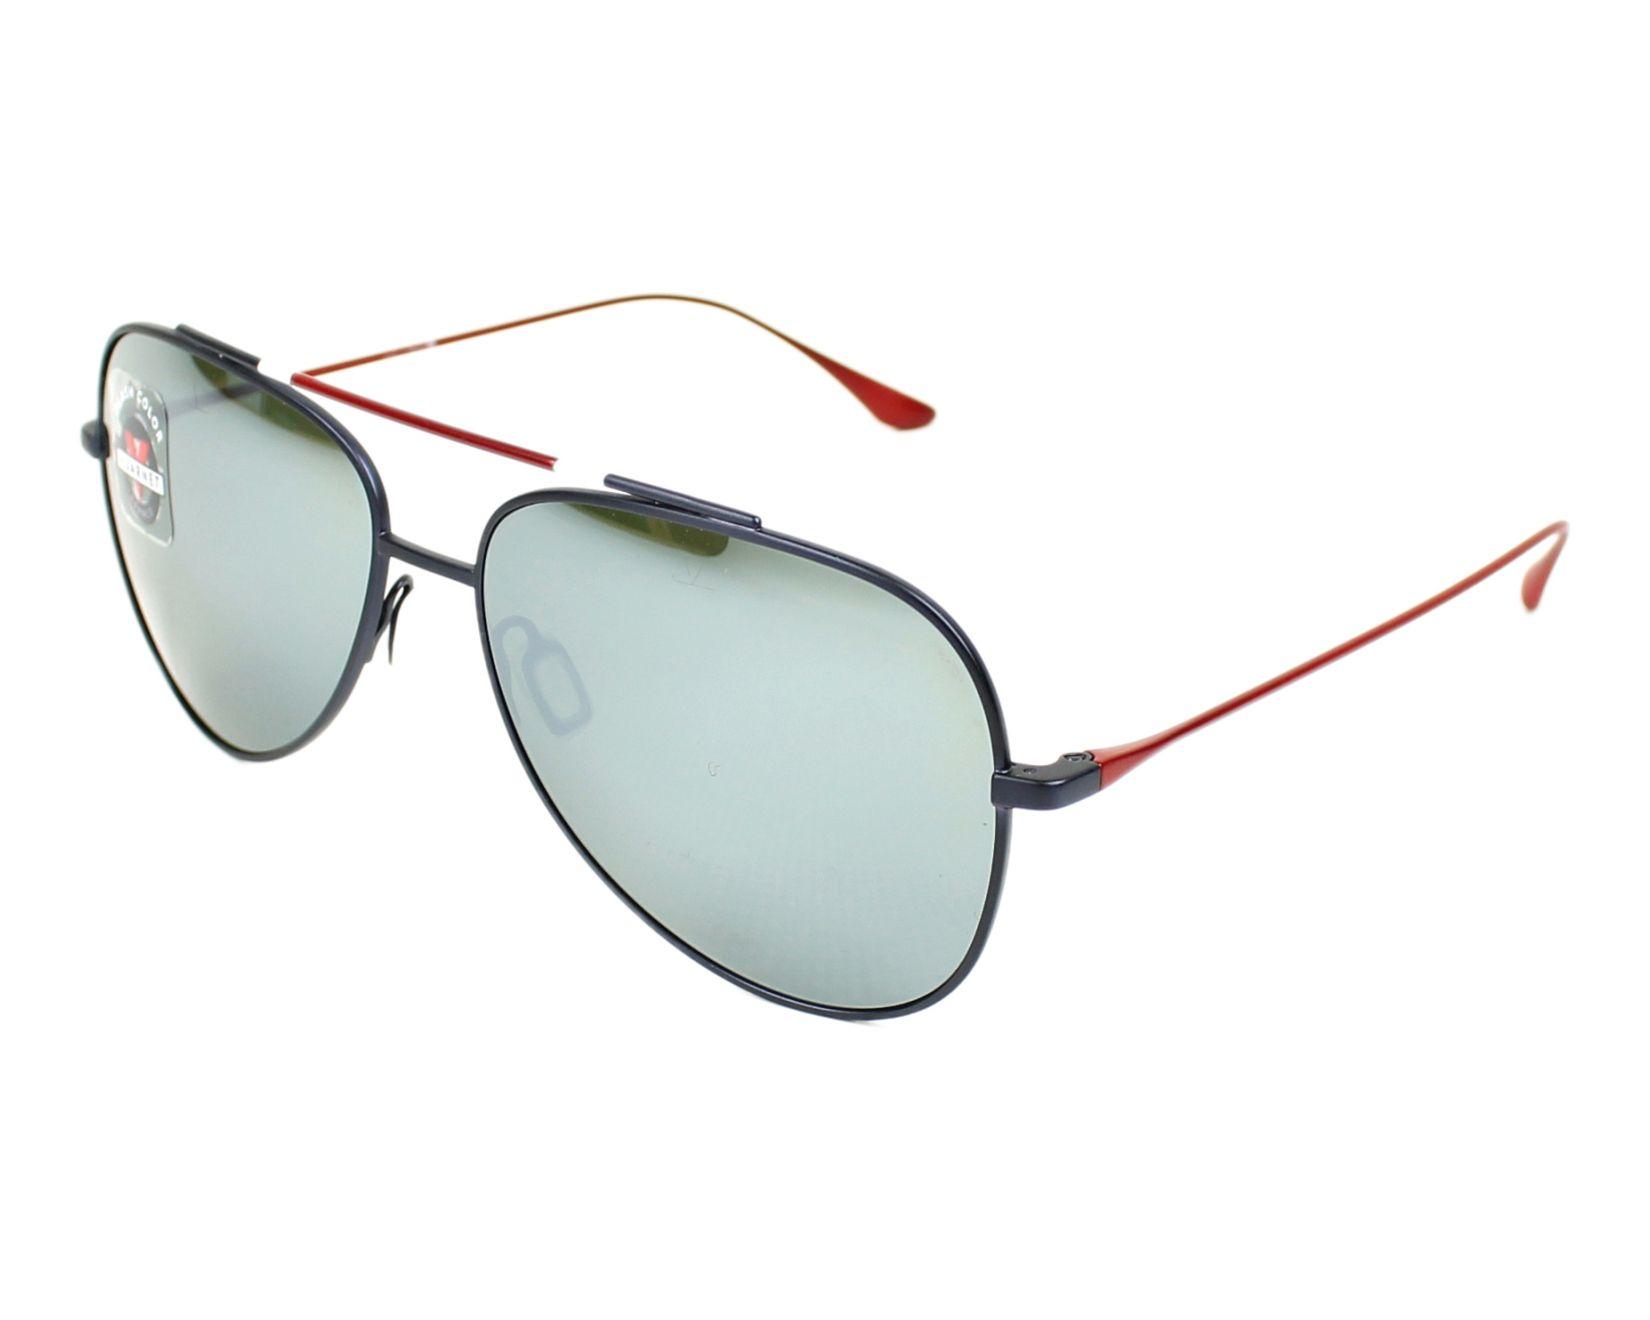 ef40674033c912 Gafas de sol Vuarnet VL-1611 0005-1123 - Rojo Azul vista de perfil